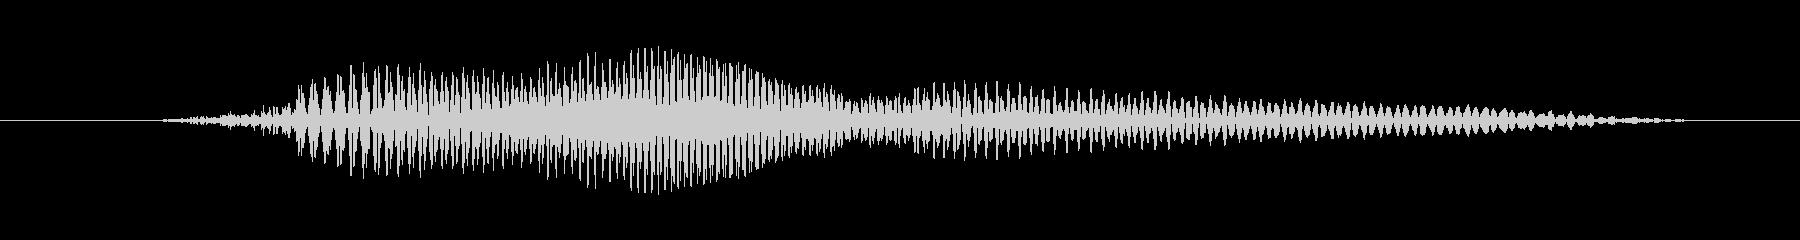 鳴き声 男性のため息感動の穏やかな01の未再生の波形